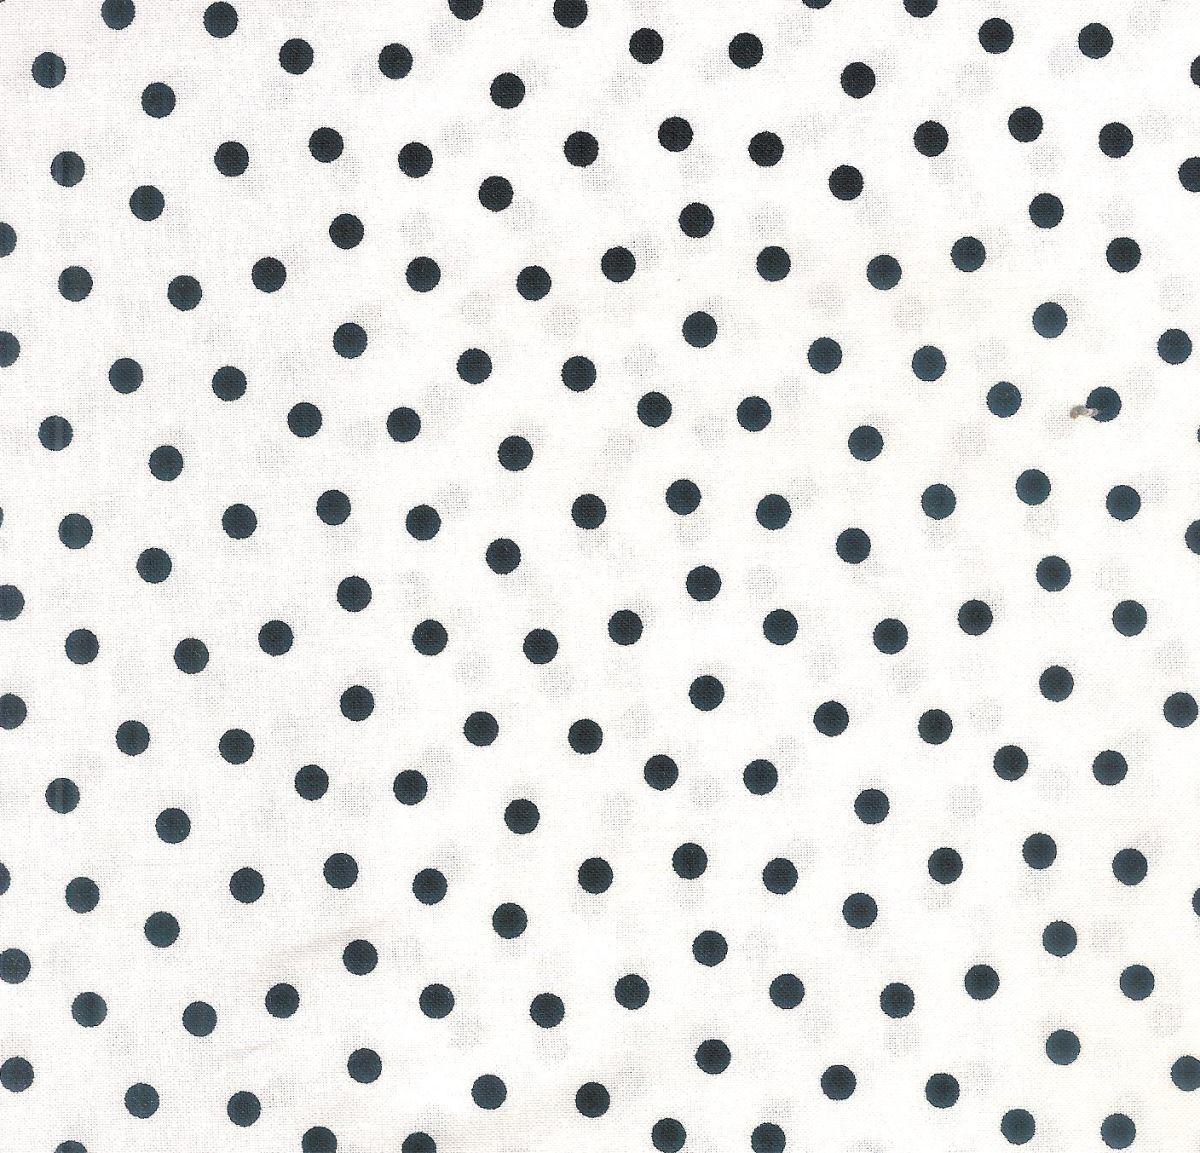 Weisser Stoff Mit Schwarzen Punkten Bei Quilt Und Textilkunst